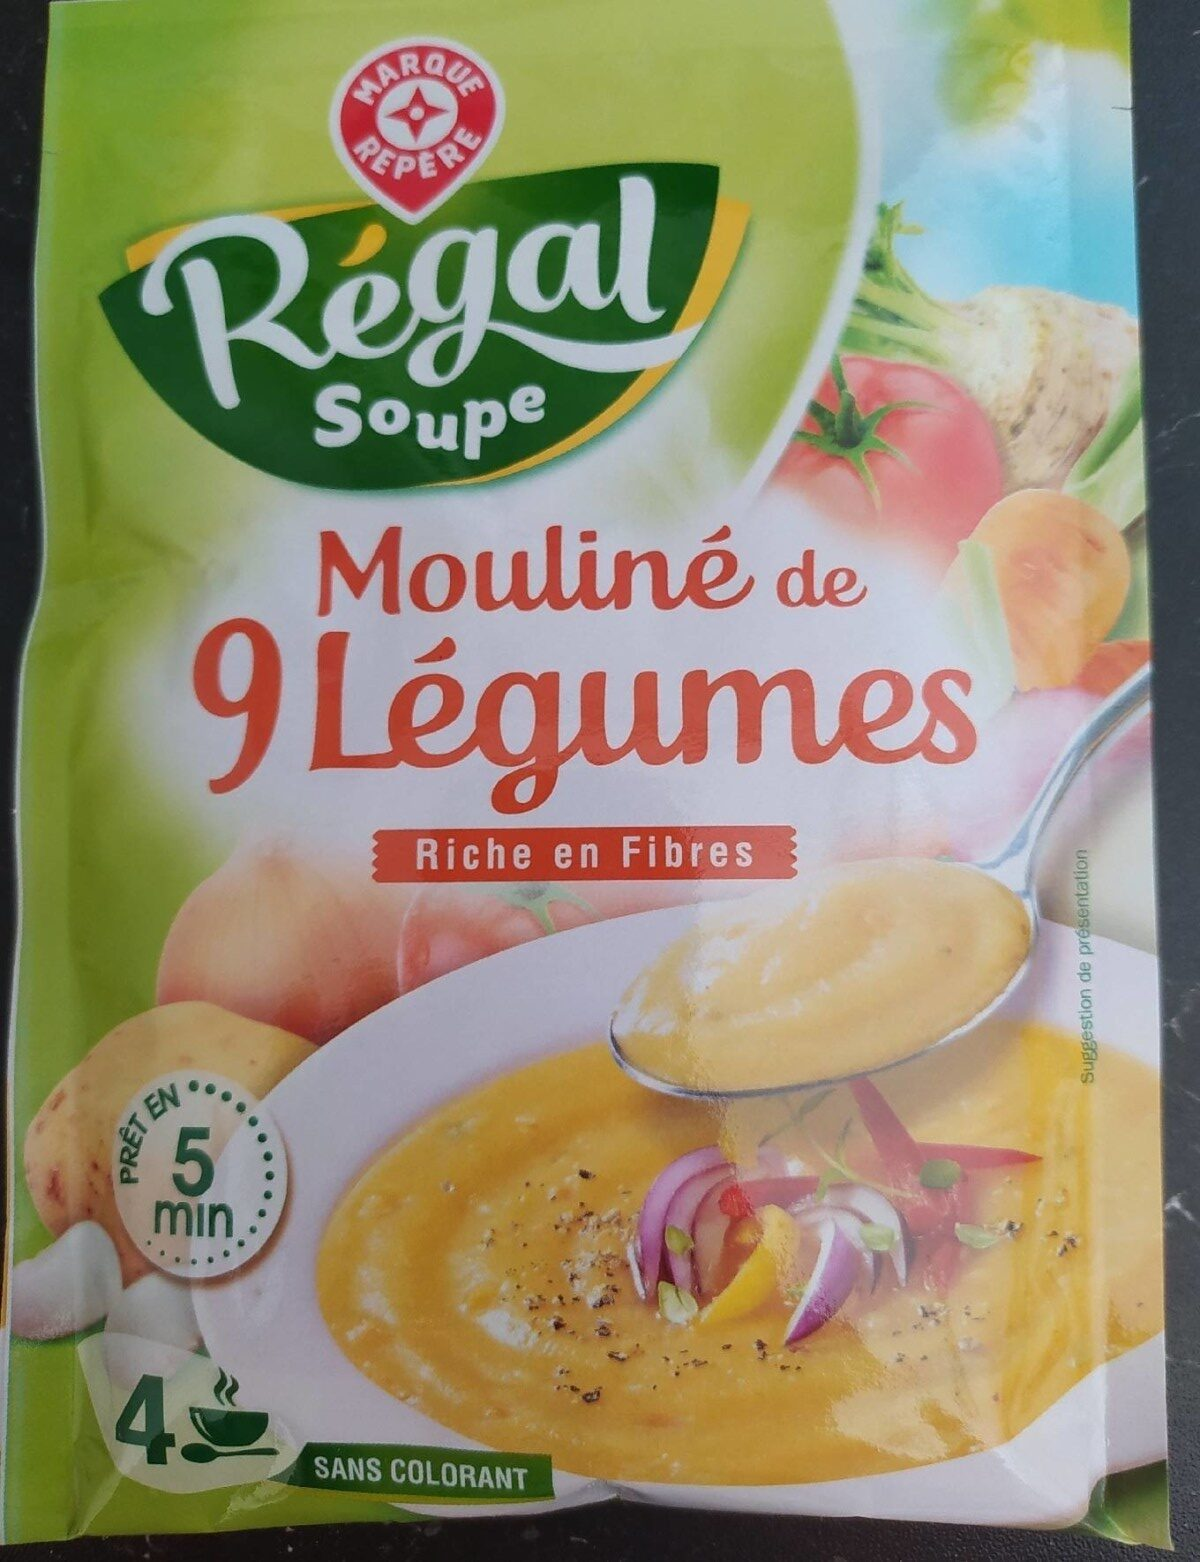 Mouliné de 9 légumes - Produit - fr